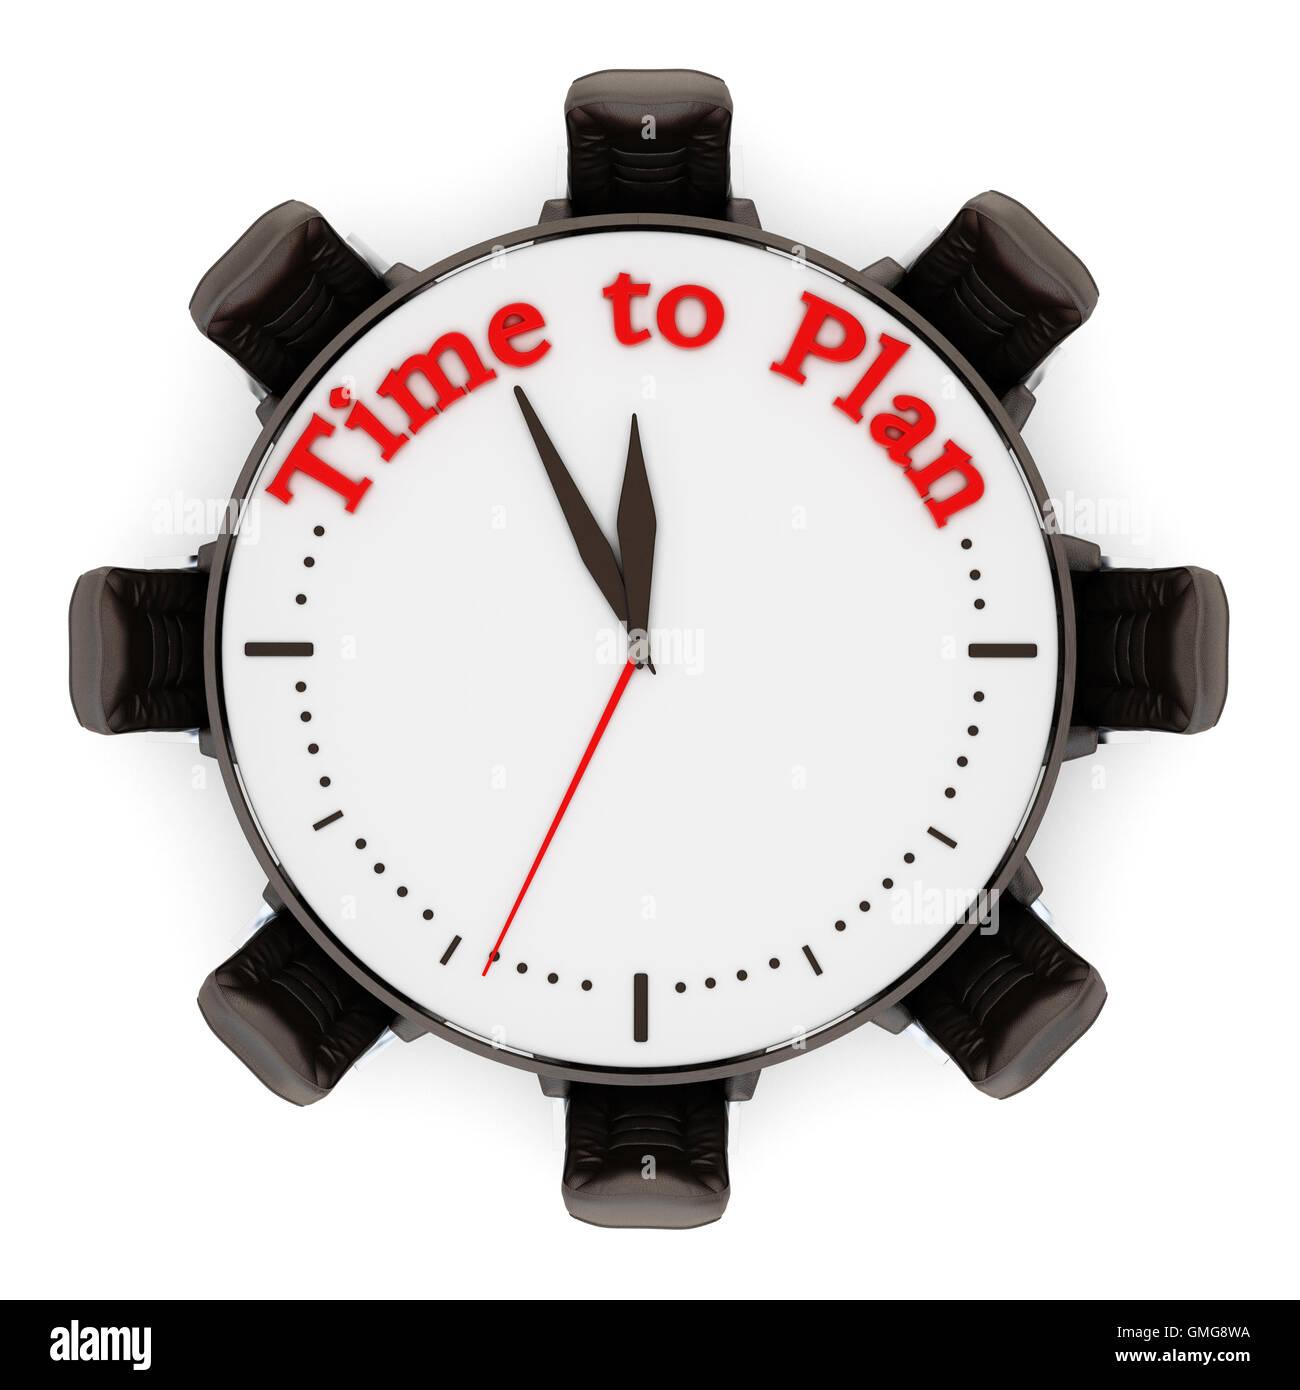 Tiempo para planificar la pena en el reloj con sillas. Ilustración 3D. Imagen De Stock